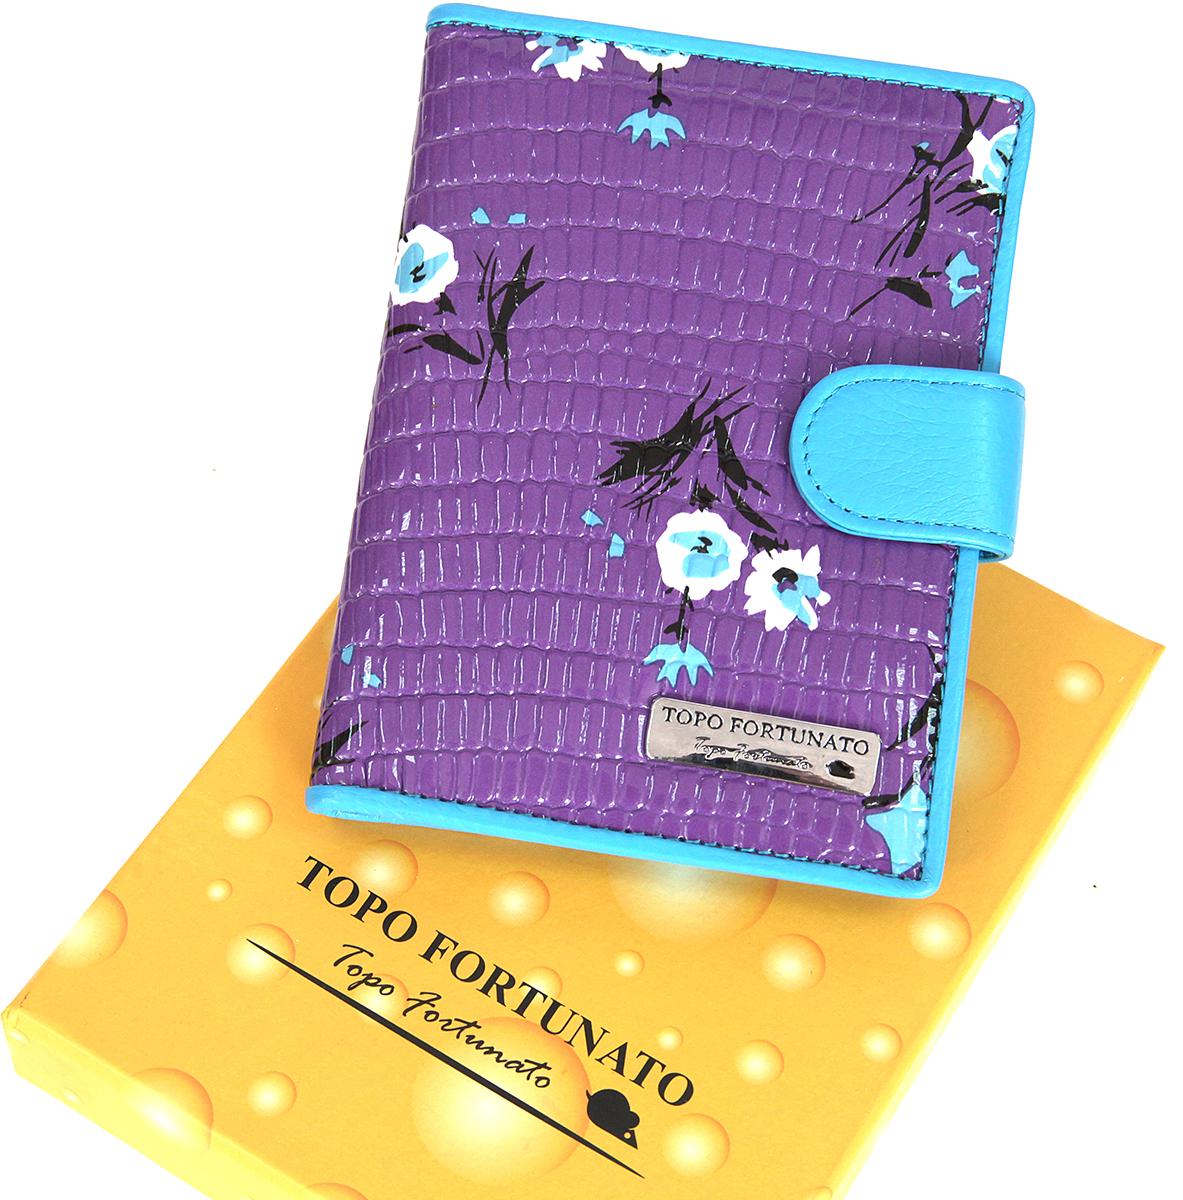 Обложка для автодокументов женская Topo Fortunato, цвет: сиреневый, голубые цветочки. TF 1322-092TF 1322-092Обложка на автодокументы натуральная кожа